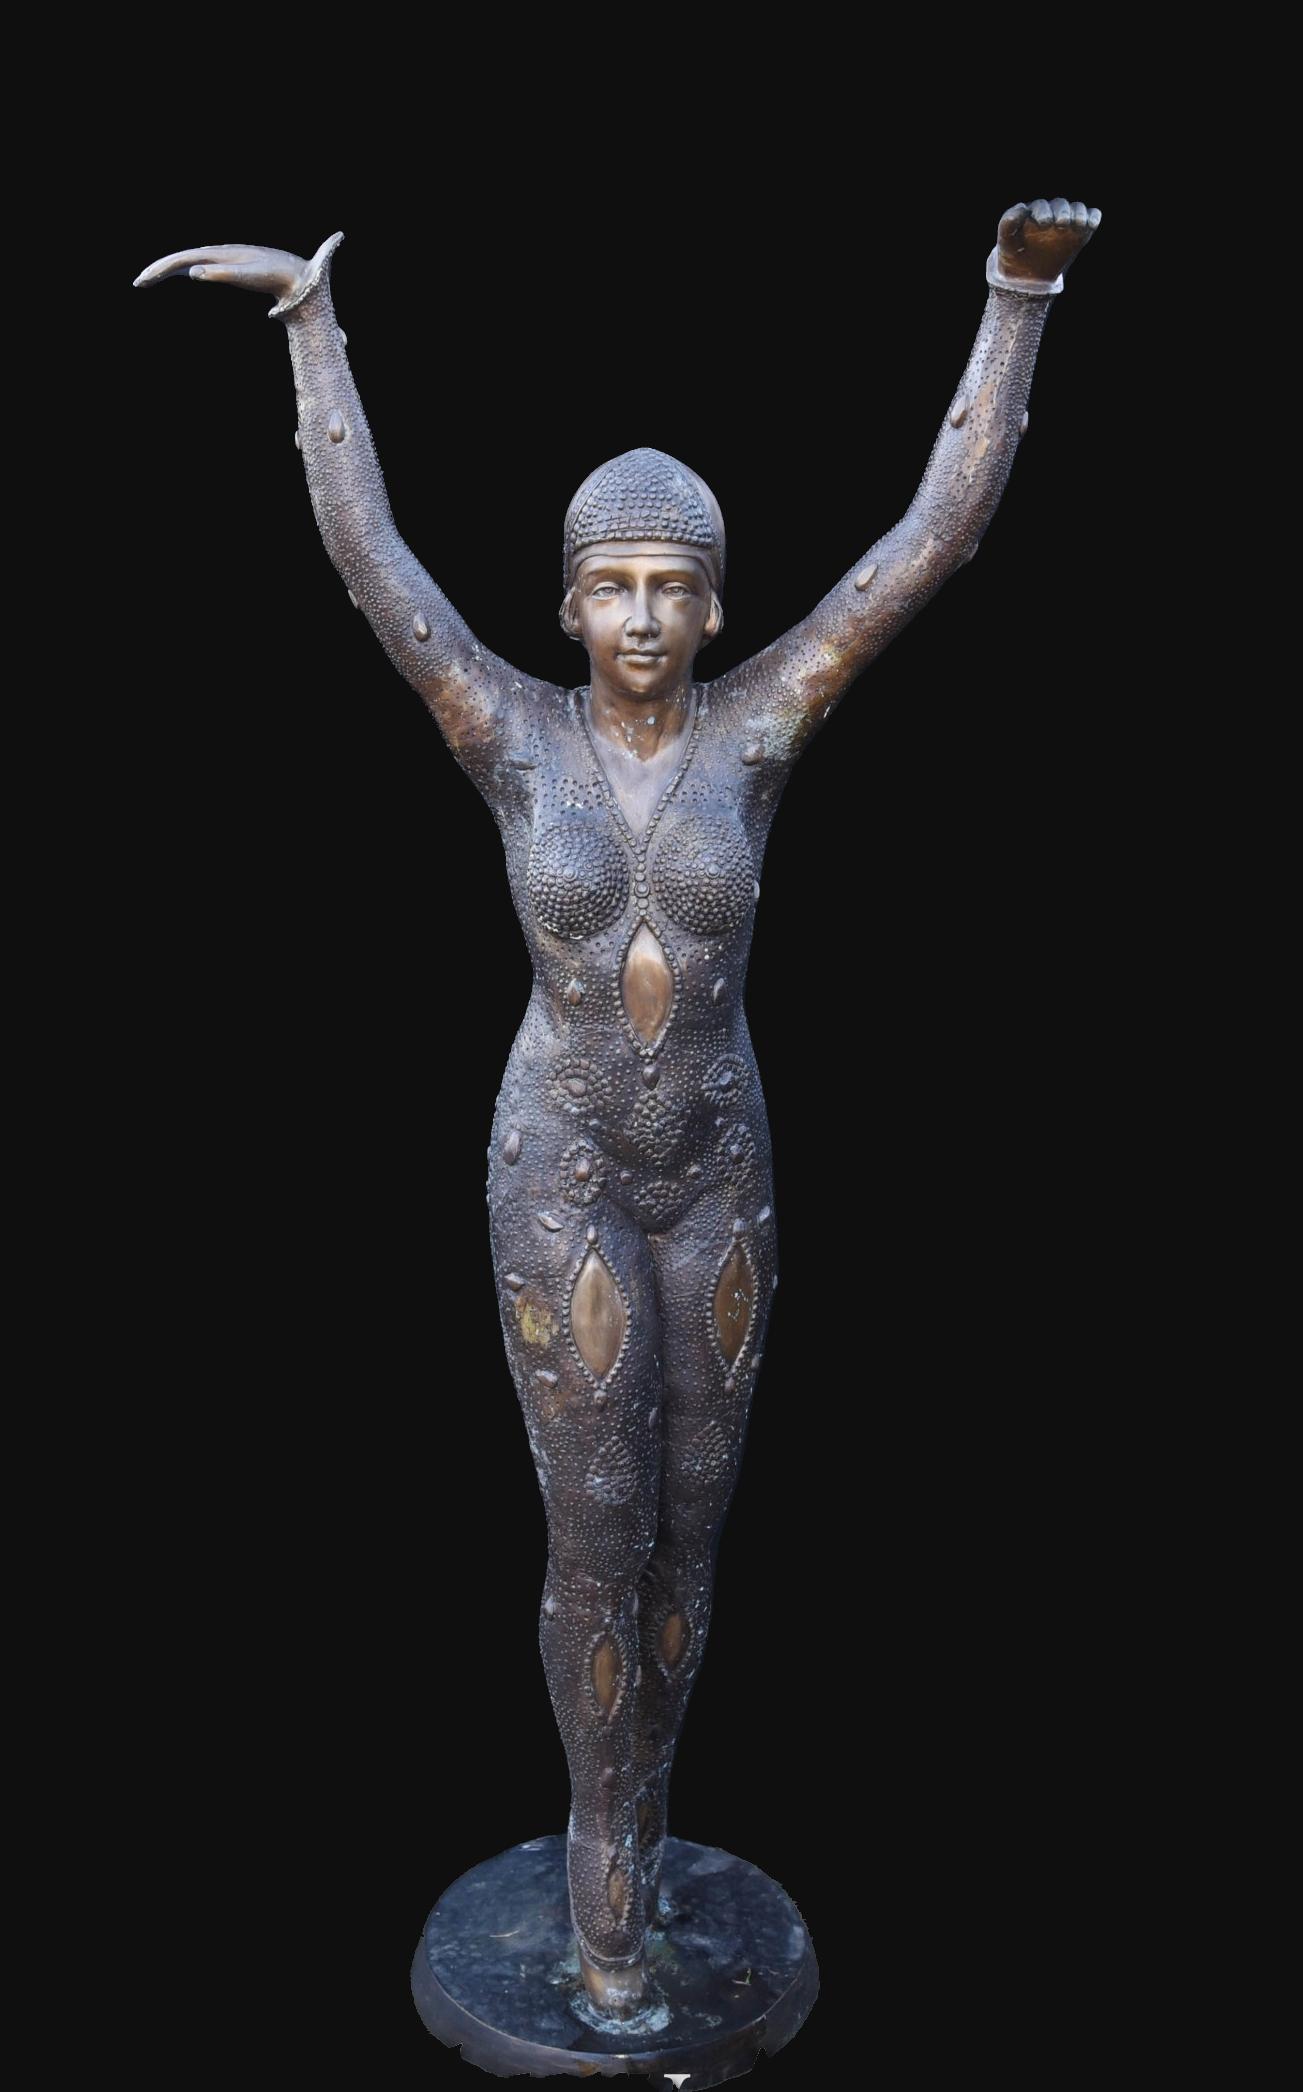 Bronze Sculpture of a Ballerina